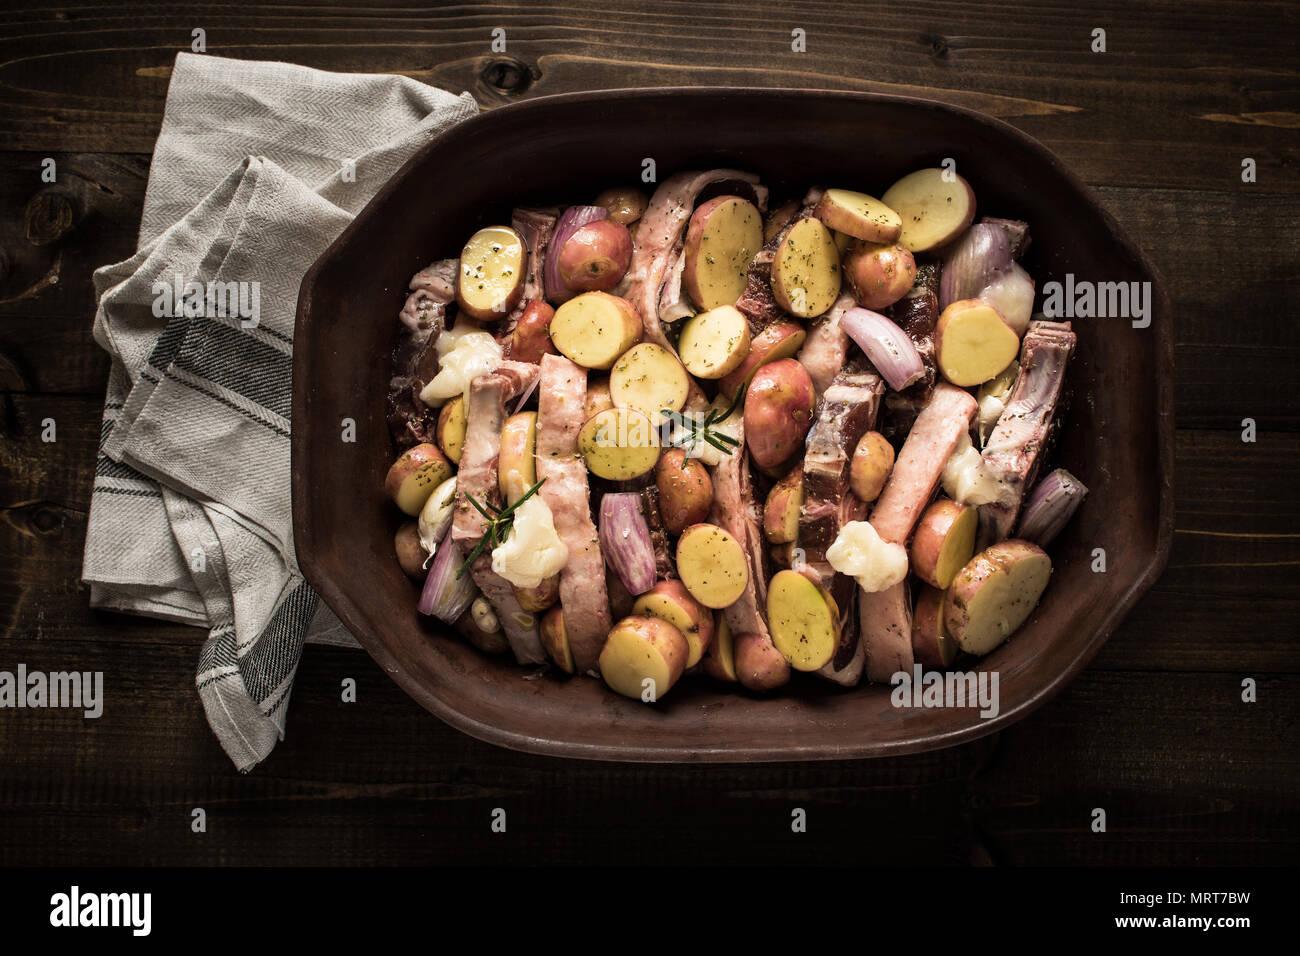 Chuletas de lomo de cordero y verduras preparadas para asar. Copie el espacio. Imagen De Stock